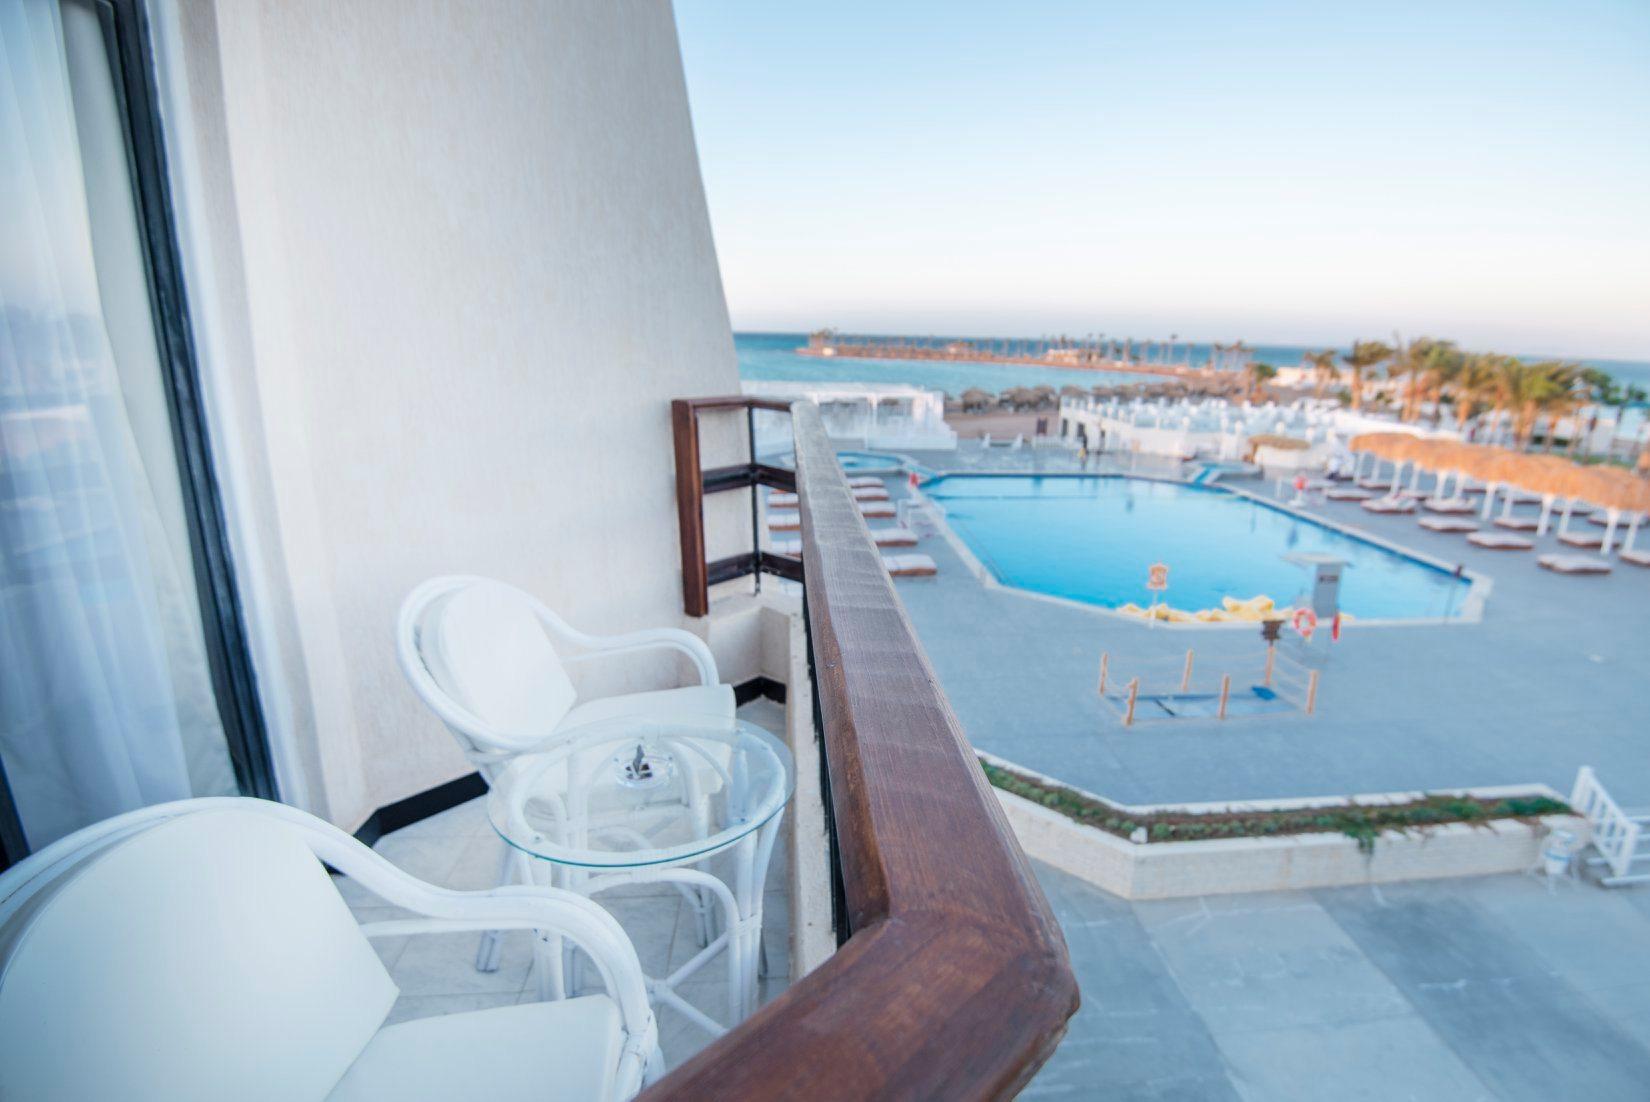 Meraki Beach Resort, Hurghada Image 0